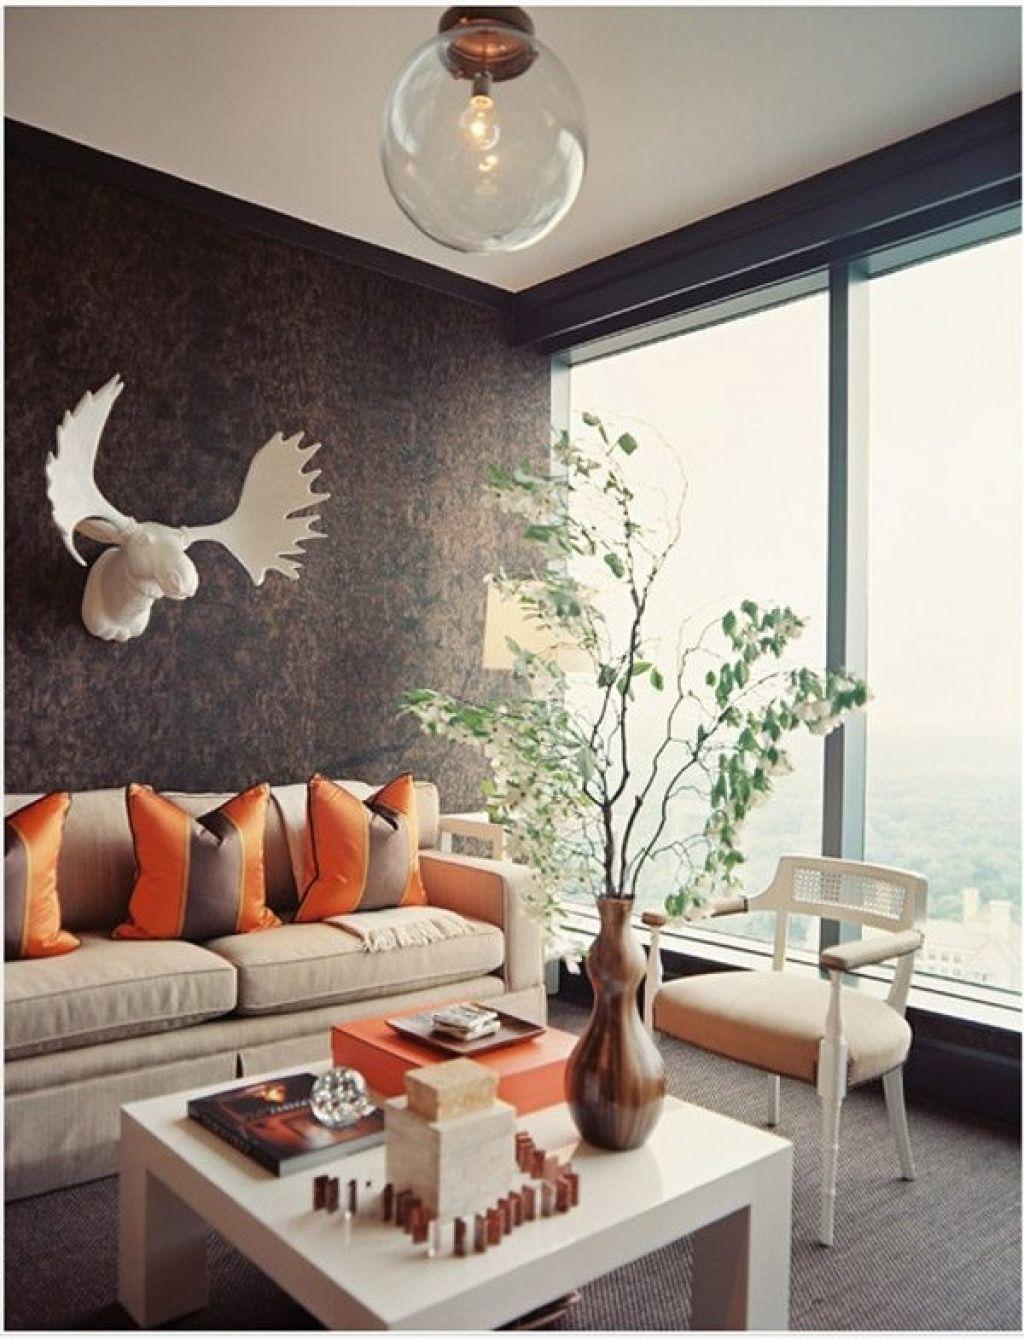 dekoideen wohnzimmer orange natrliche farbgestaltung in erdtnen ...